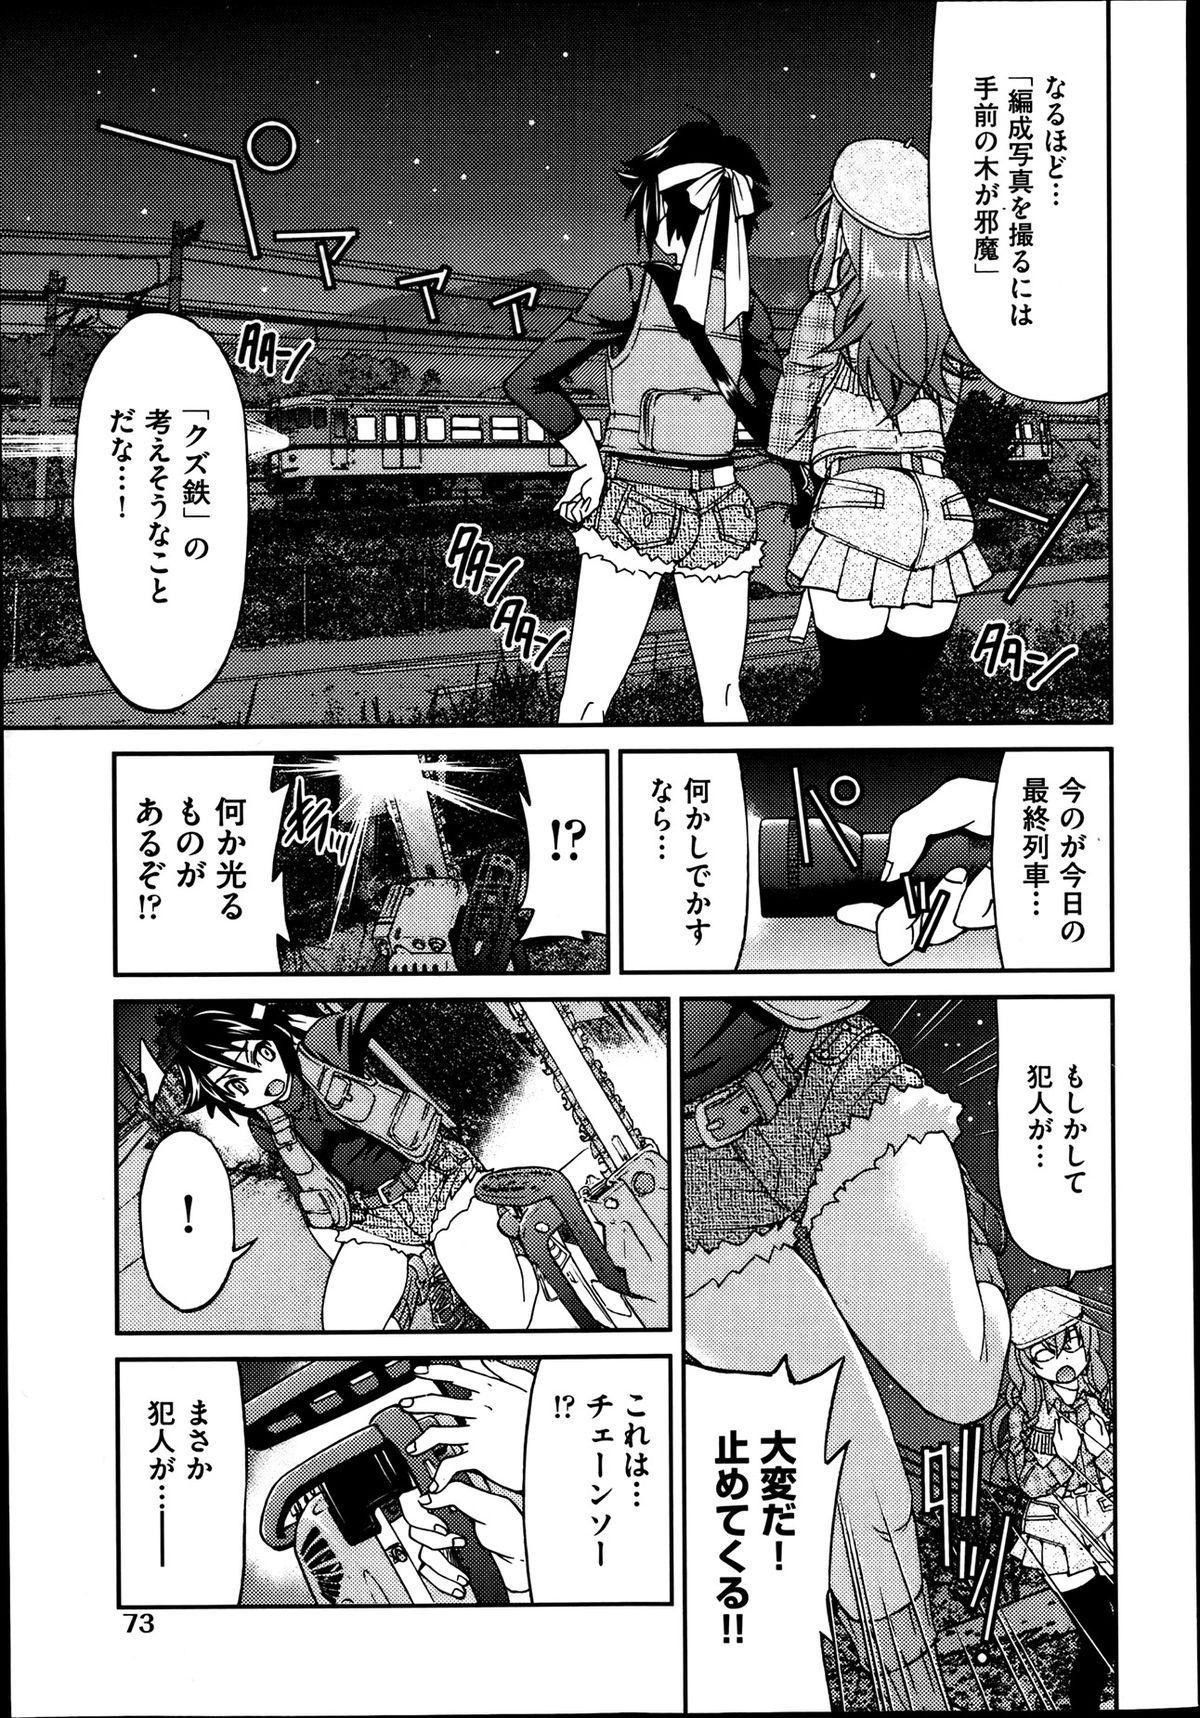 [Inoue Yoshihisa] Joshitetsu -Girls railway Geek- Ch.1-7 36